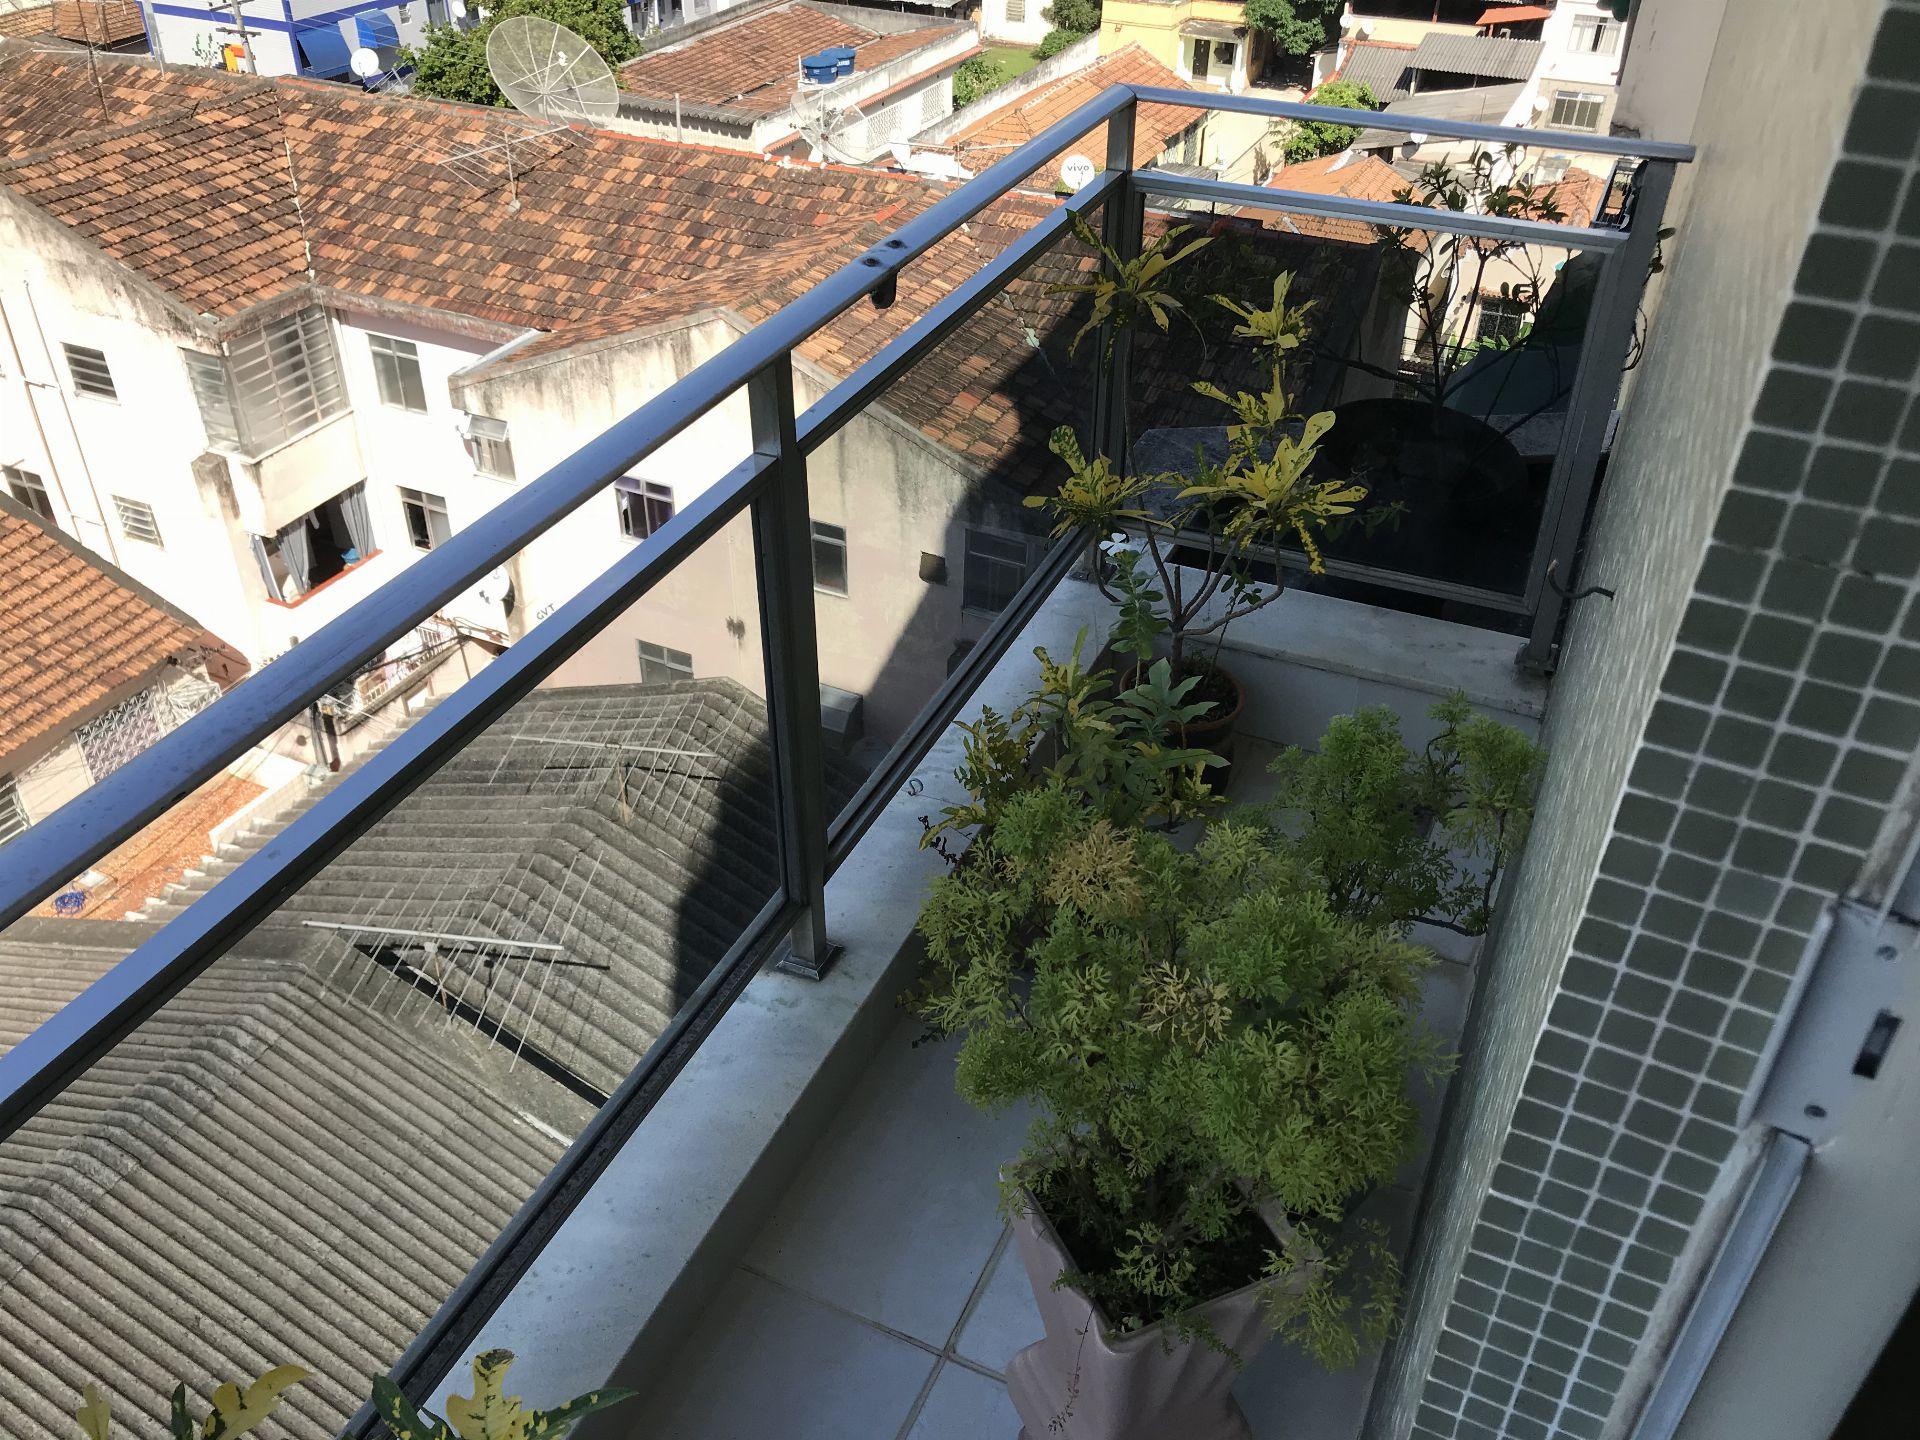 FOTO 13 - Apartamento à venda Rua Capitão Menezes,Praça Seca, Rio de Janeiro - R$ 290.000 - RF175 - 14